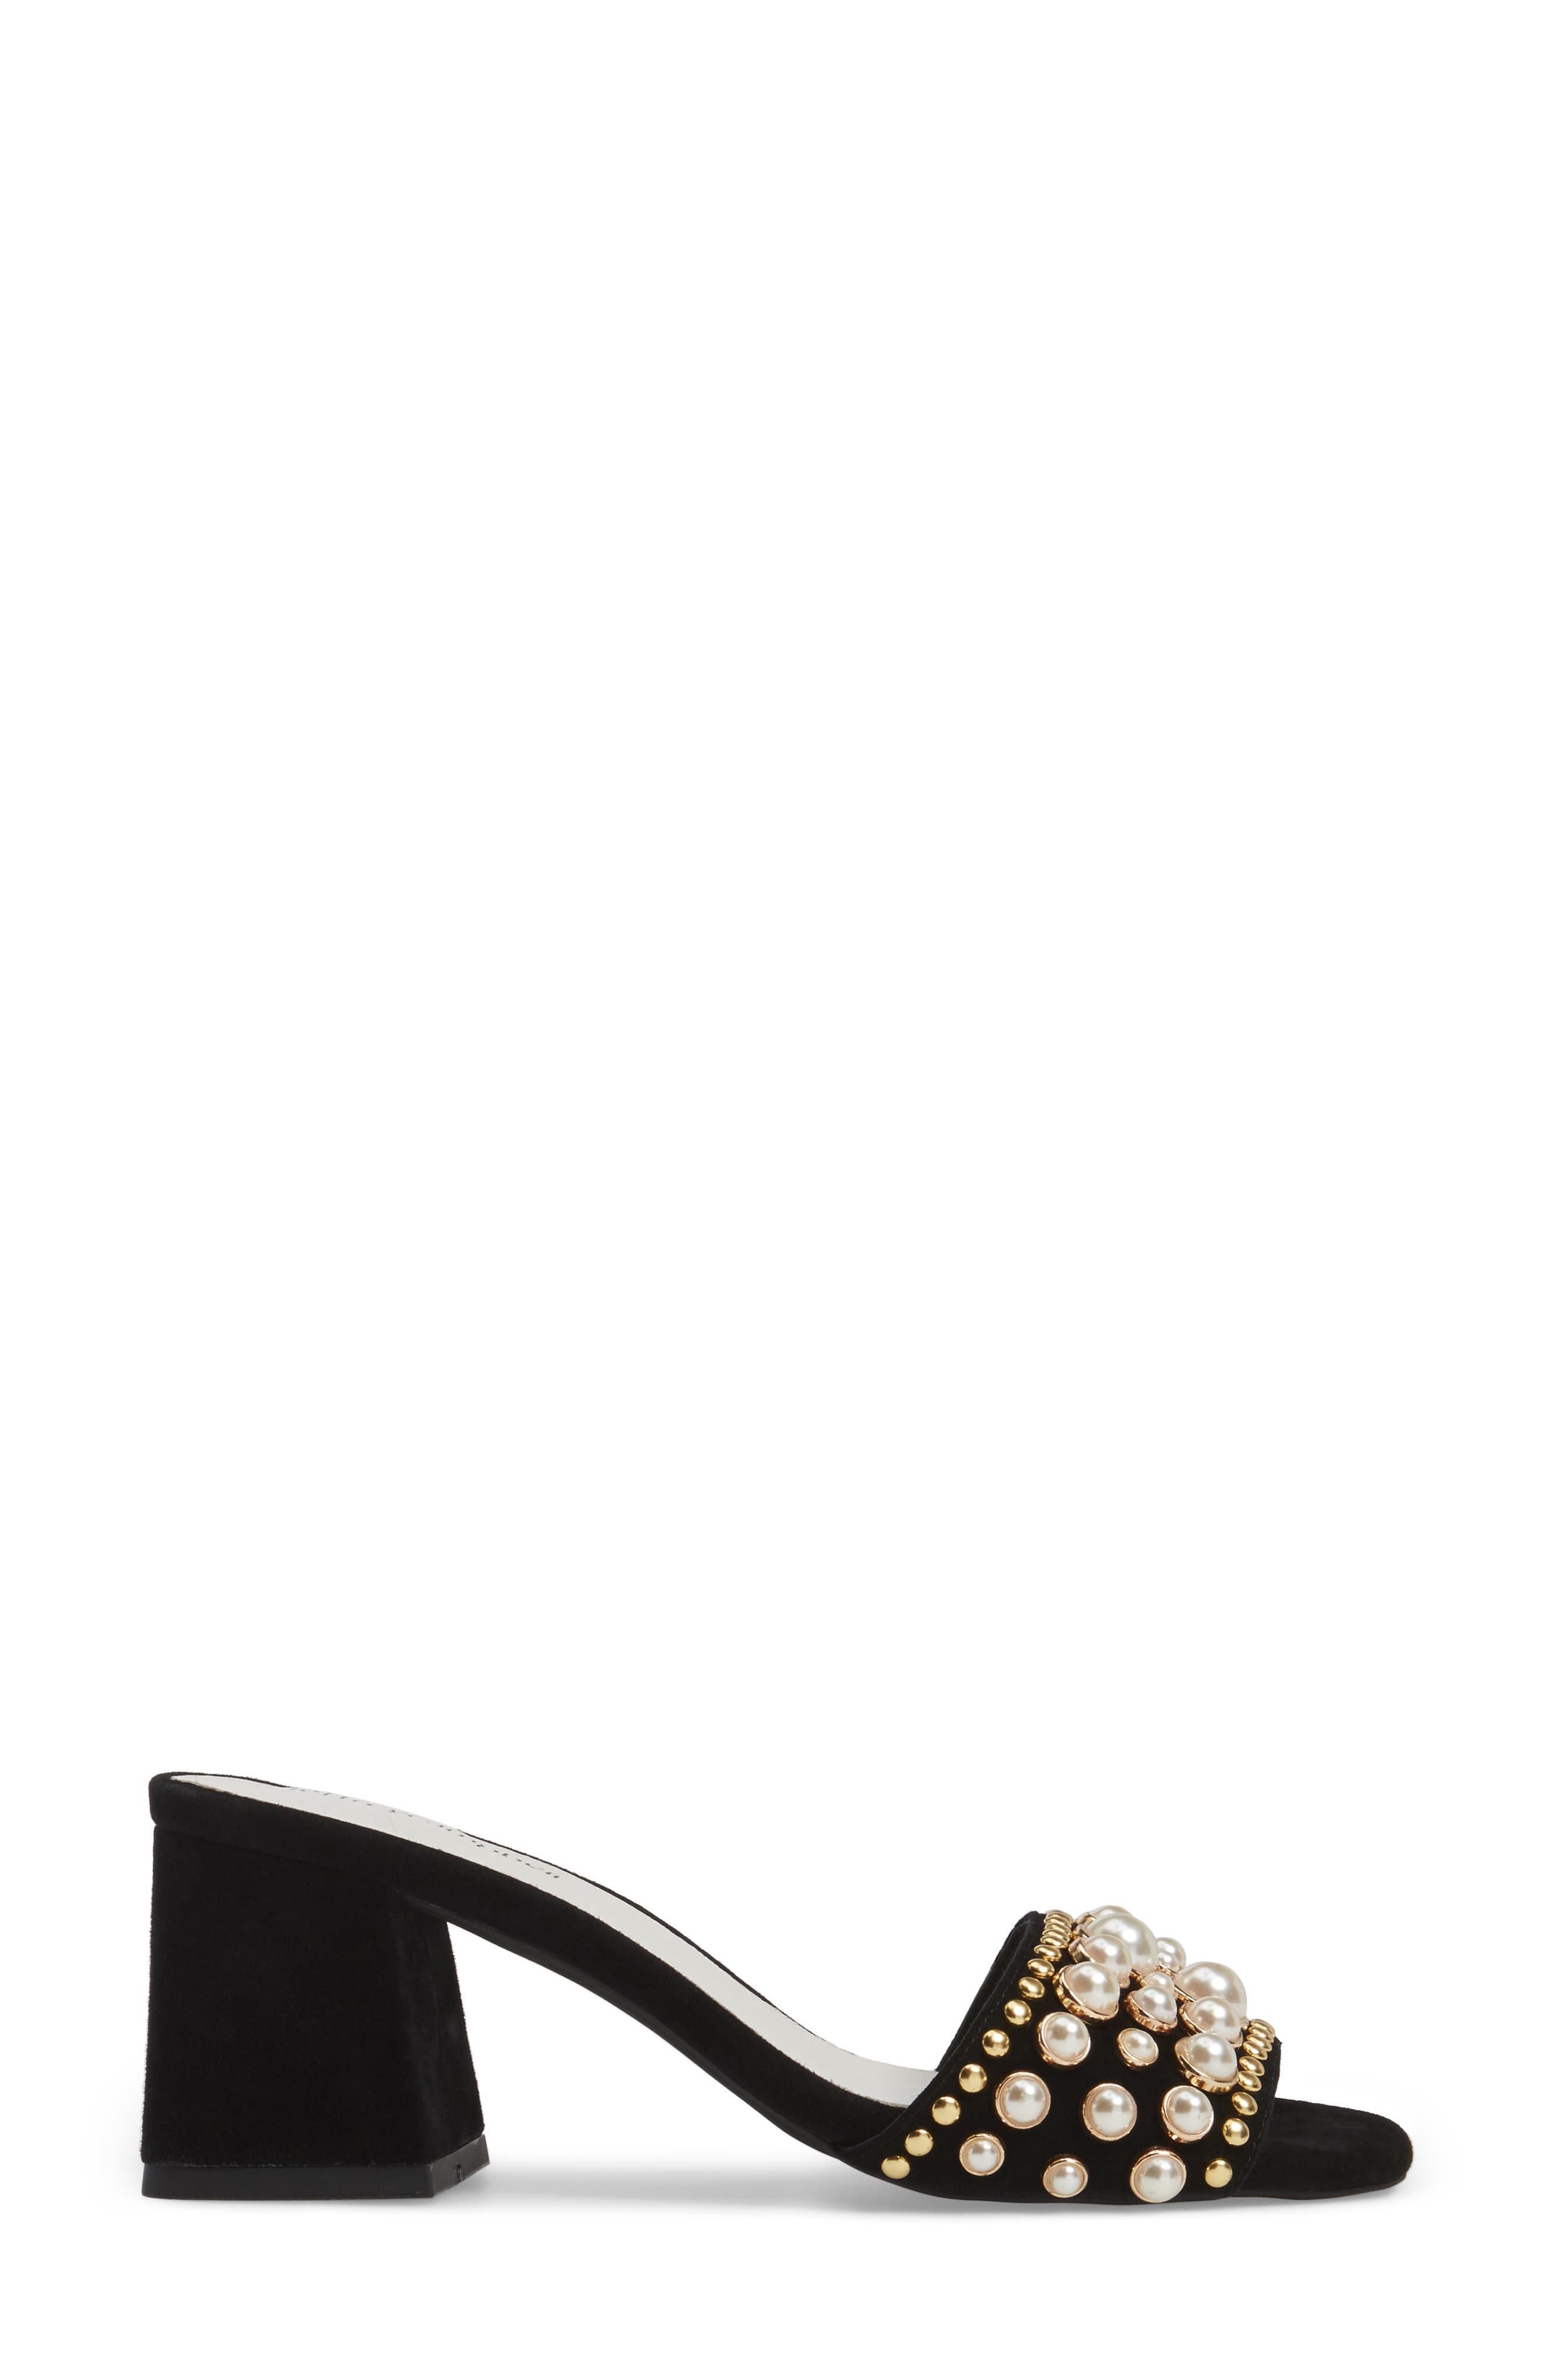 Parr Embellished Slide Sandal,                             Alternate thumbnail 3, color,                             Black Suede